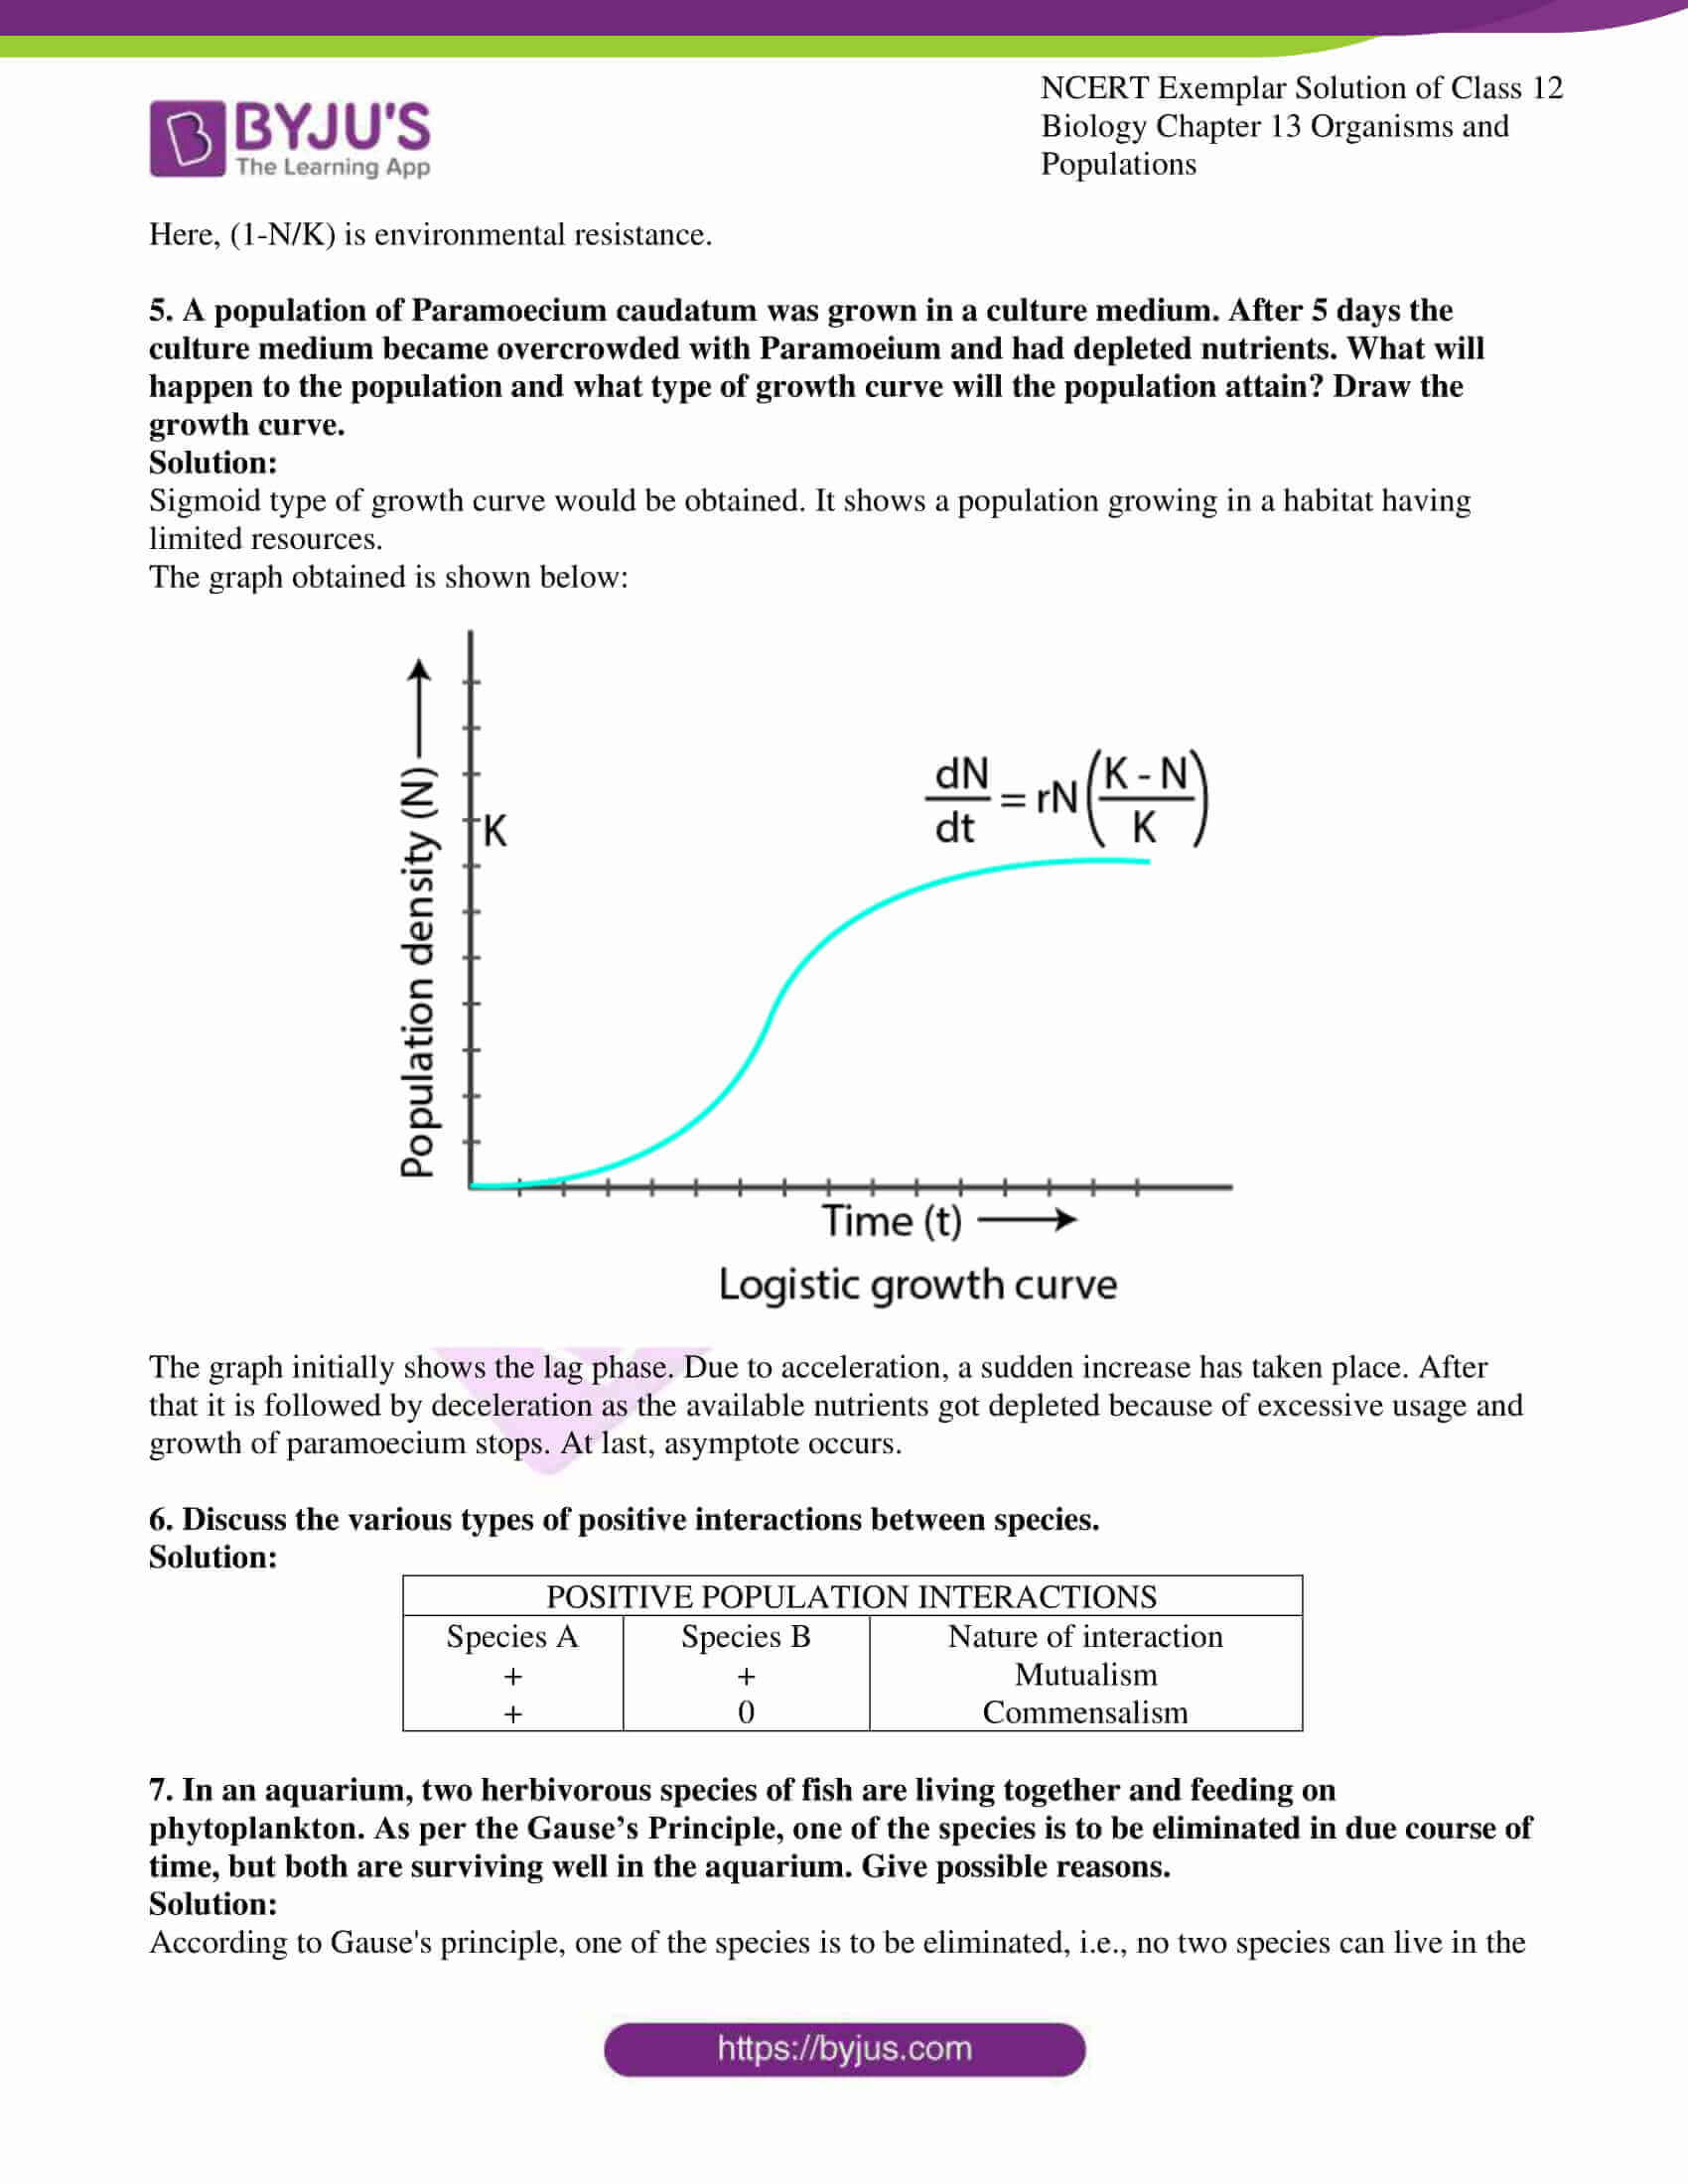 ncert exemplar solution of class 12 biology chapter 13 14